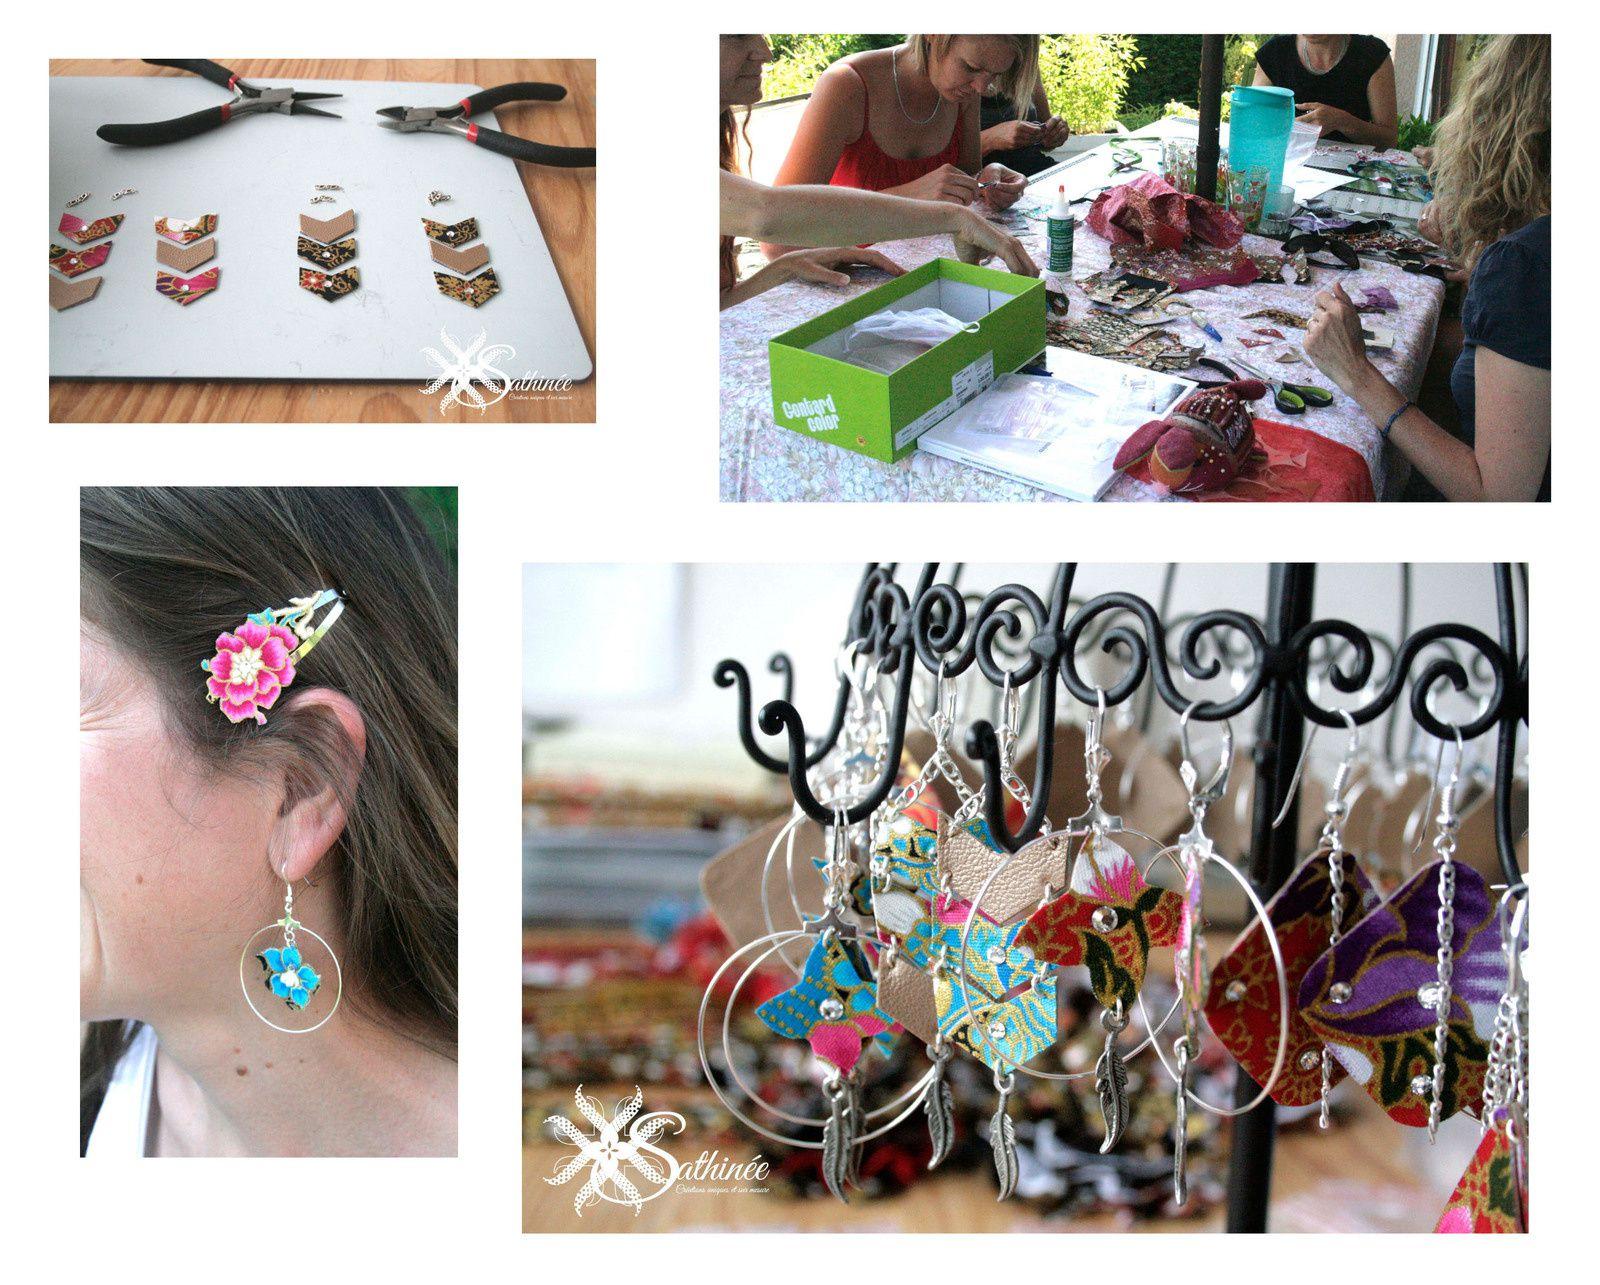 Pour 1h30 de votre temps on peut réaliser des bijoux (boucles d'oreilles et bracelet ou barrette)